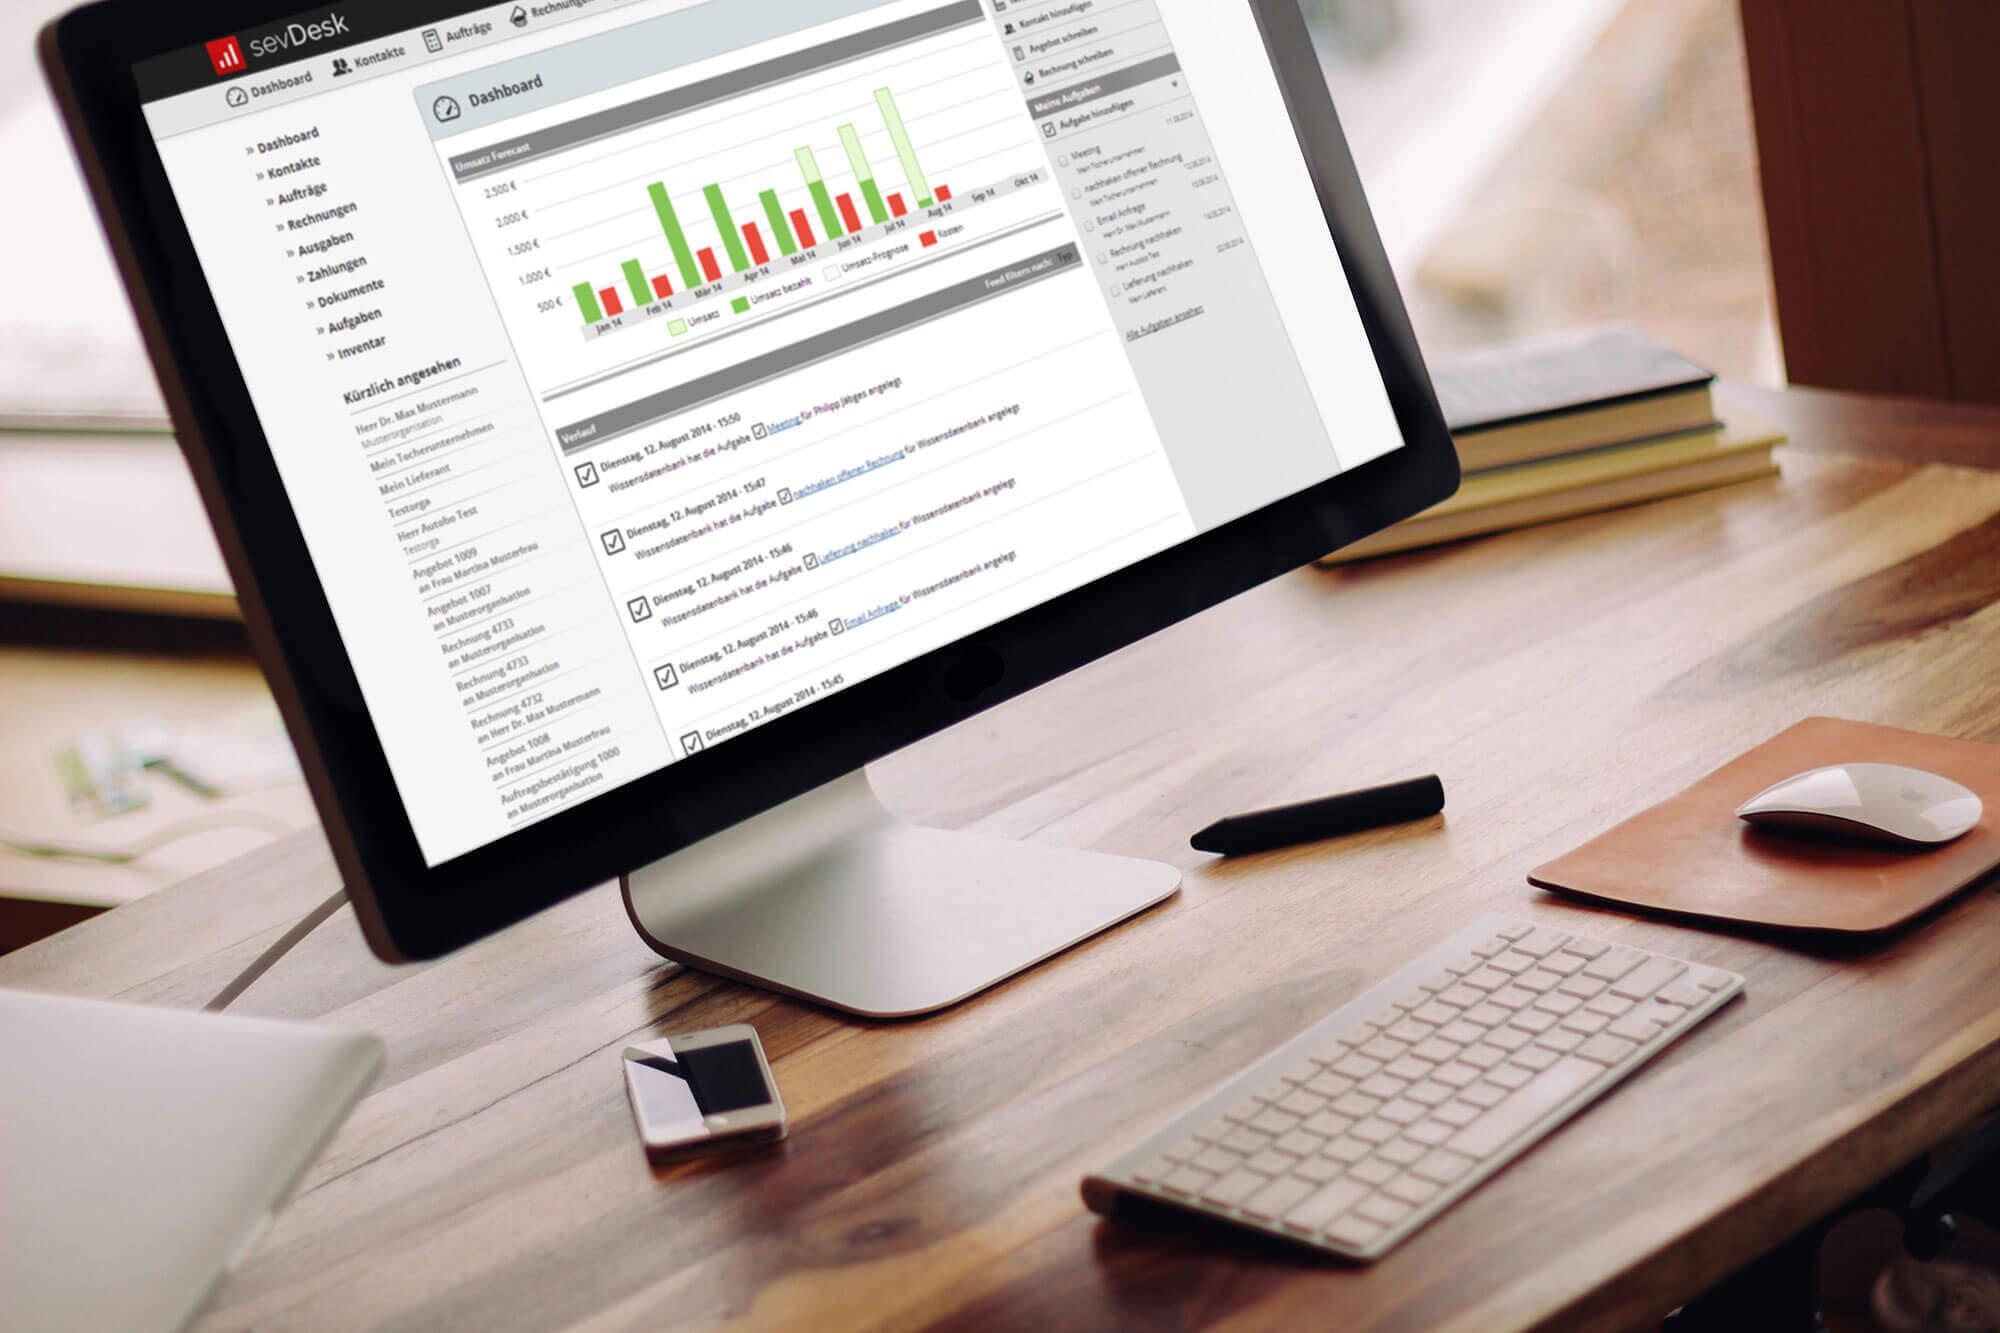 Offertvorlage Schweiz Gratis Download Bei Pebe Smart